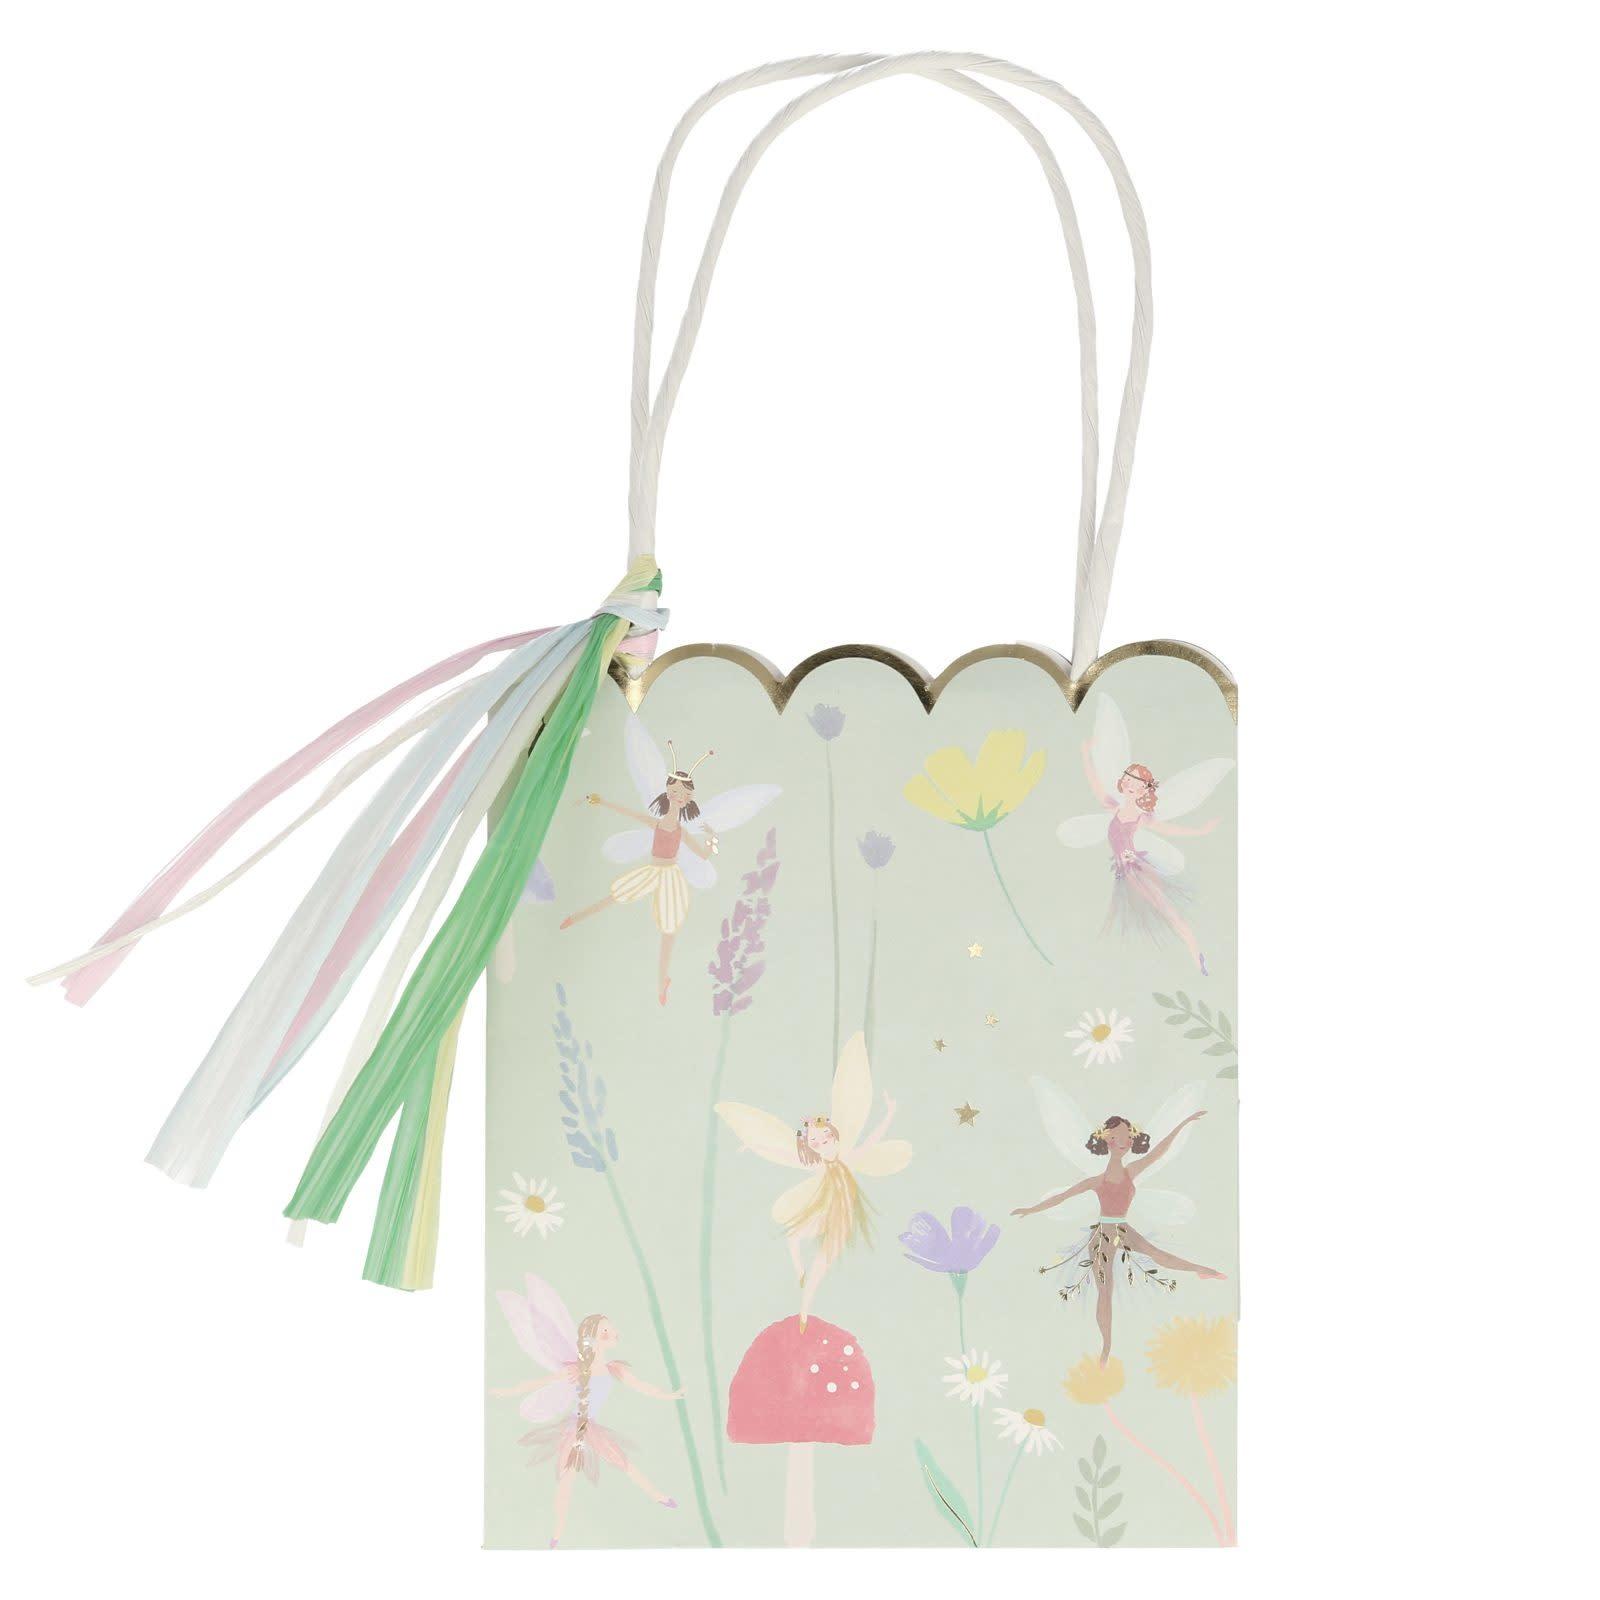 MERIMERI Fairy party bags